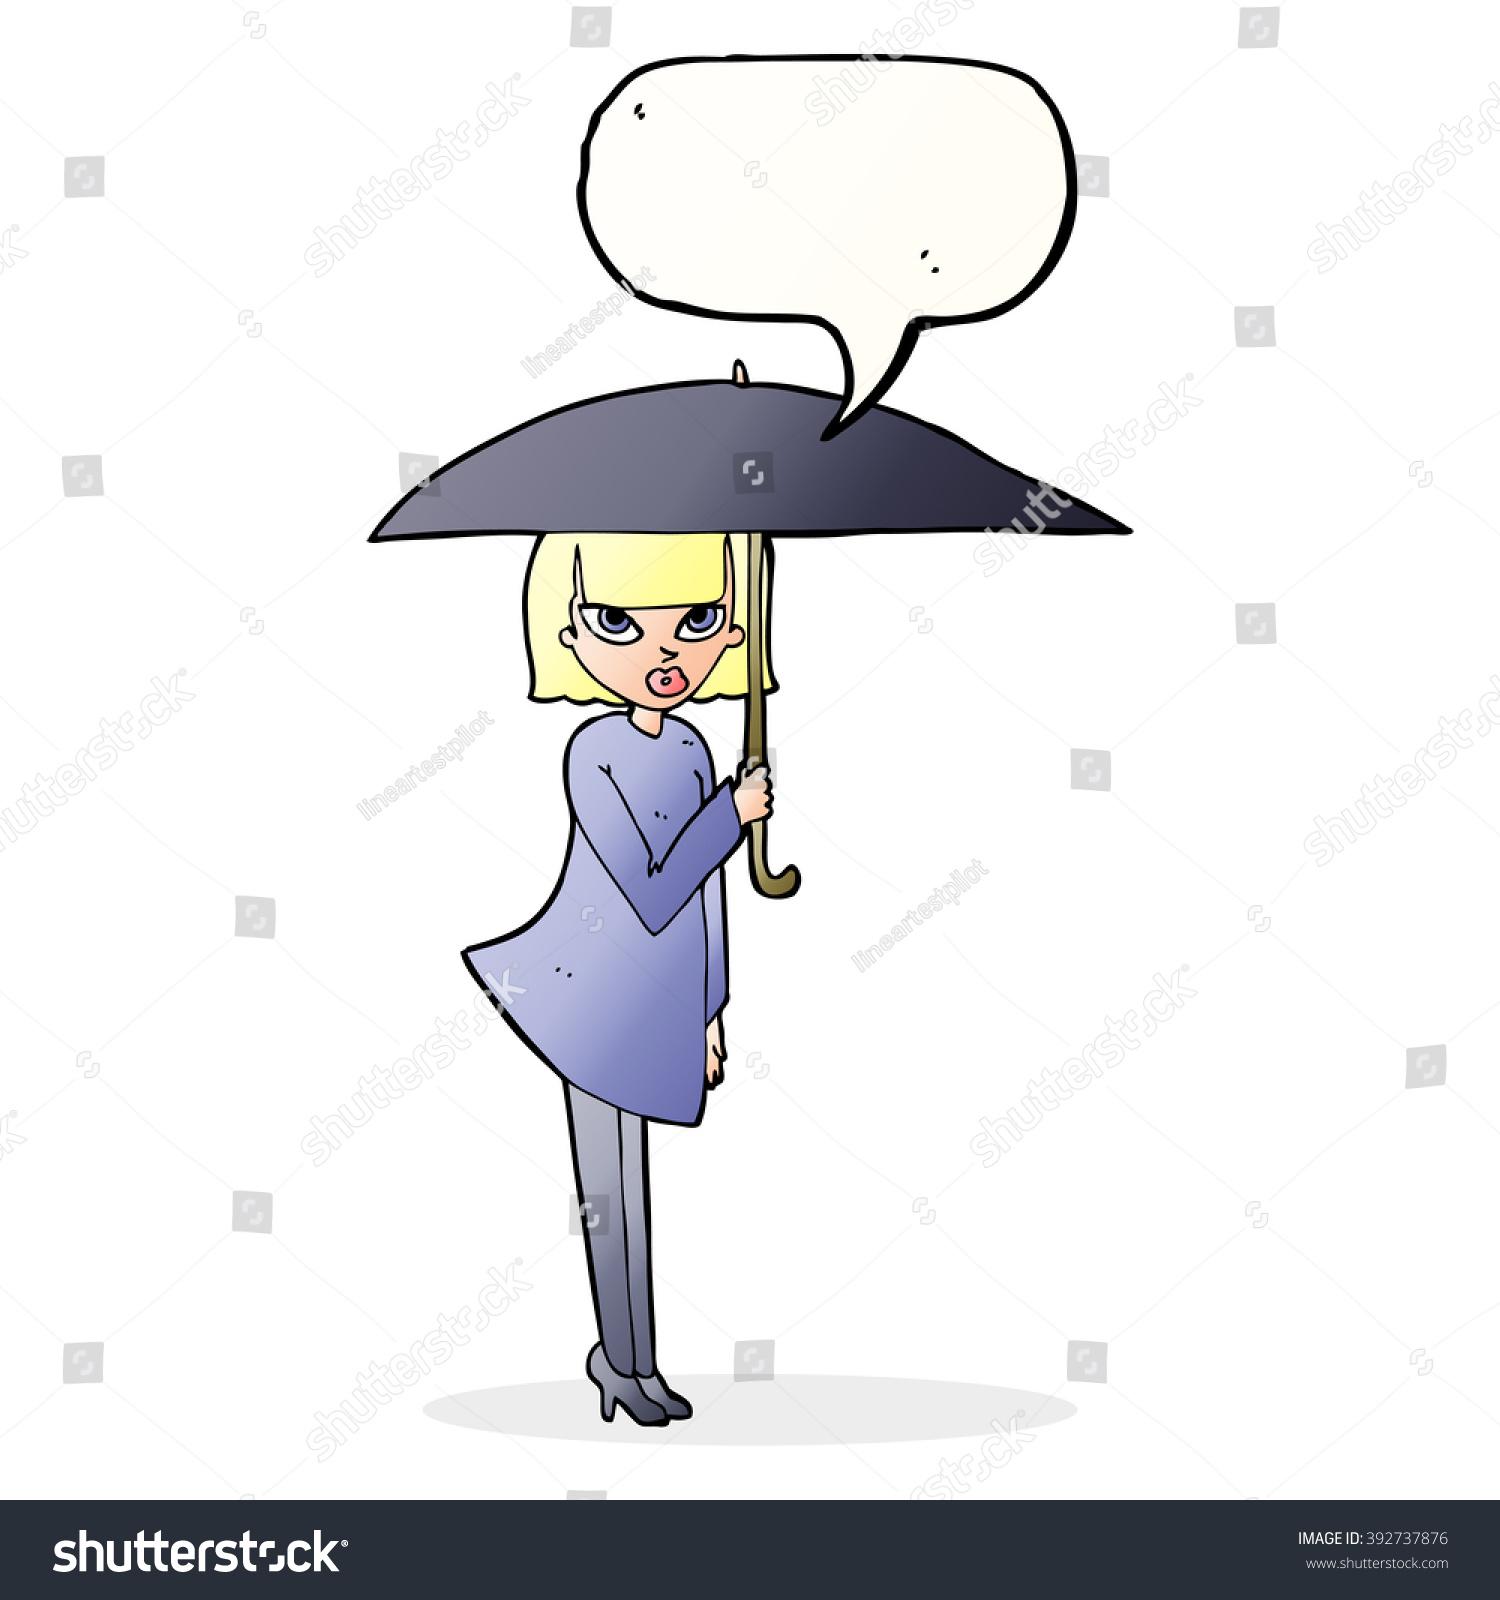 cartoon woman umbrella speech bubble stock vector 392737876